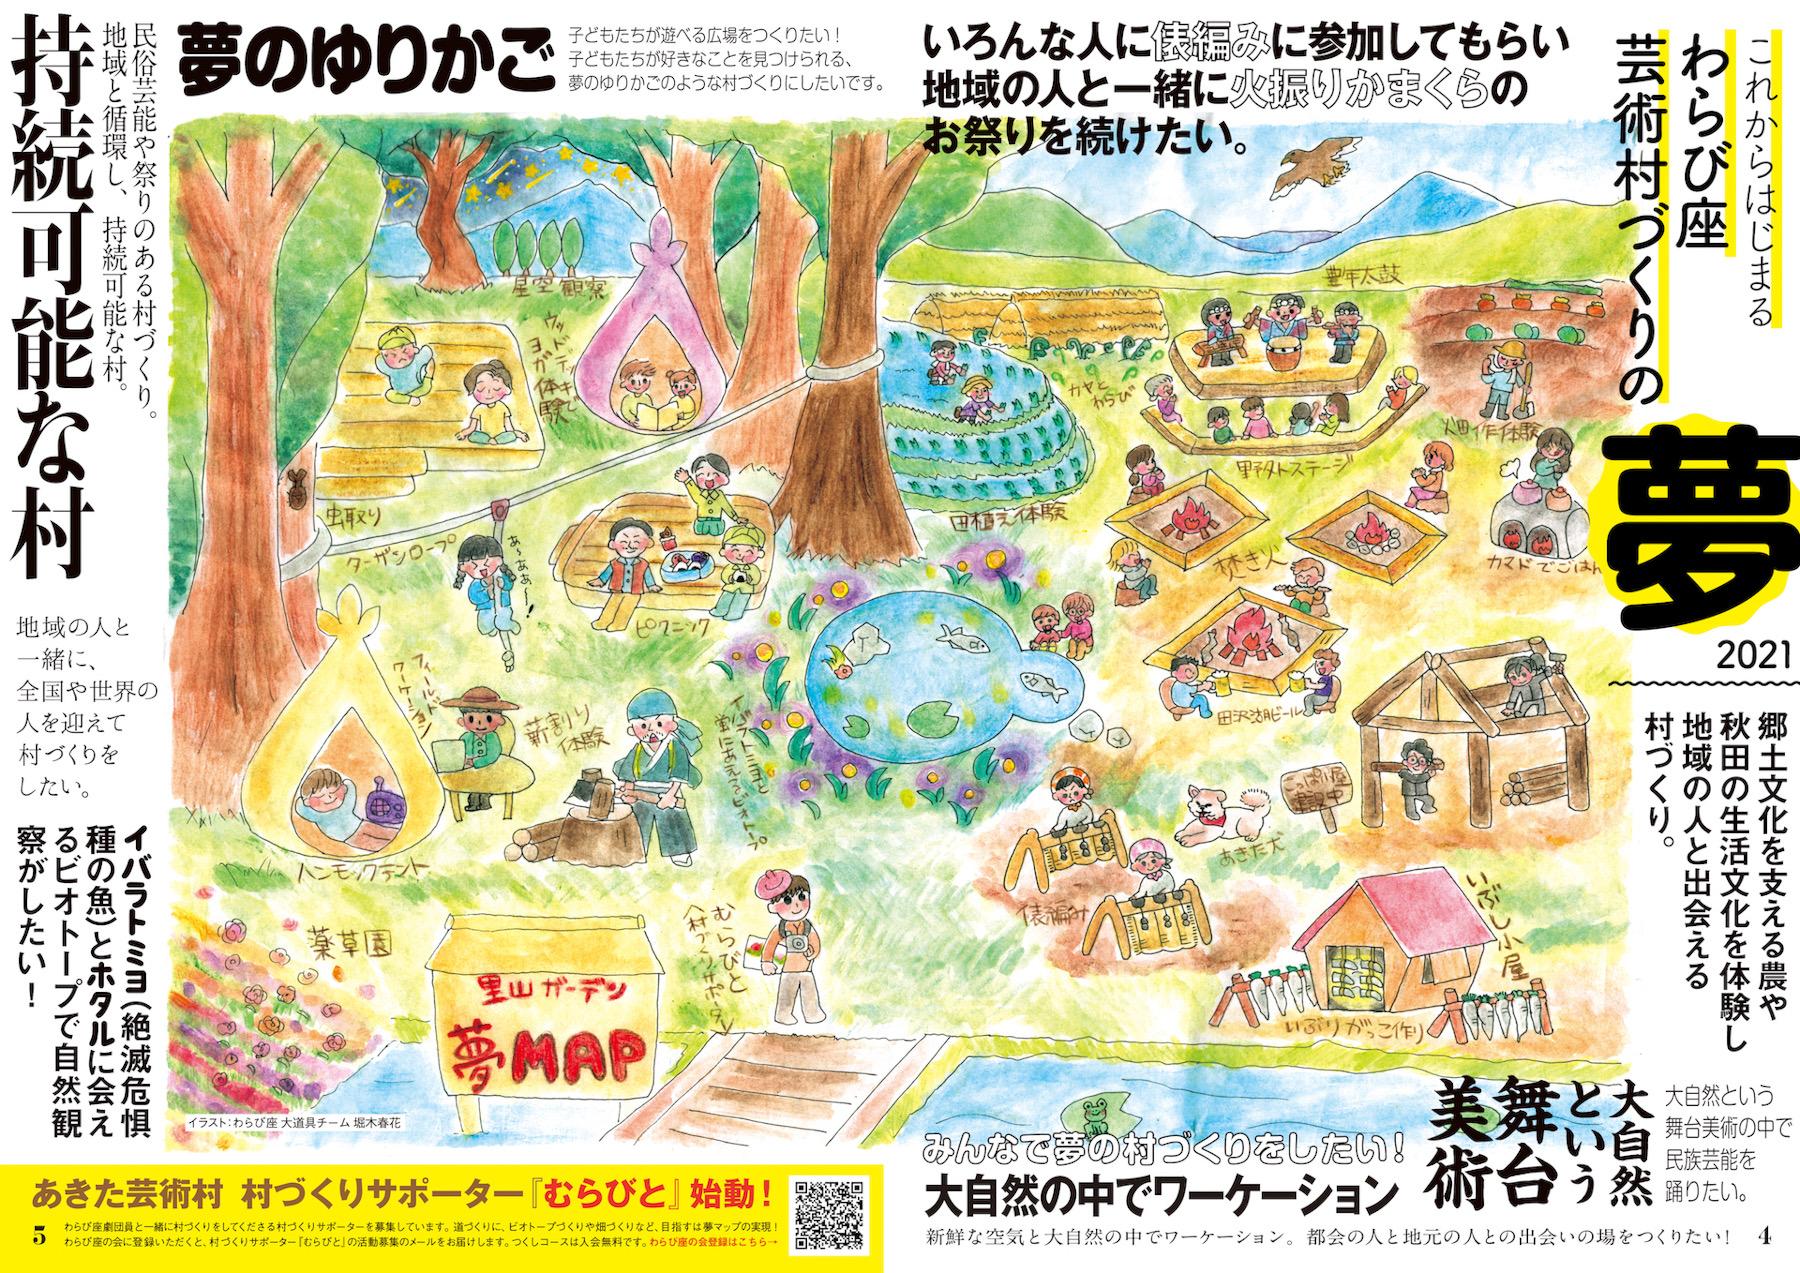 あきた芸術村夢マップ